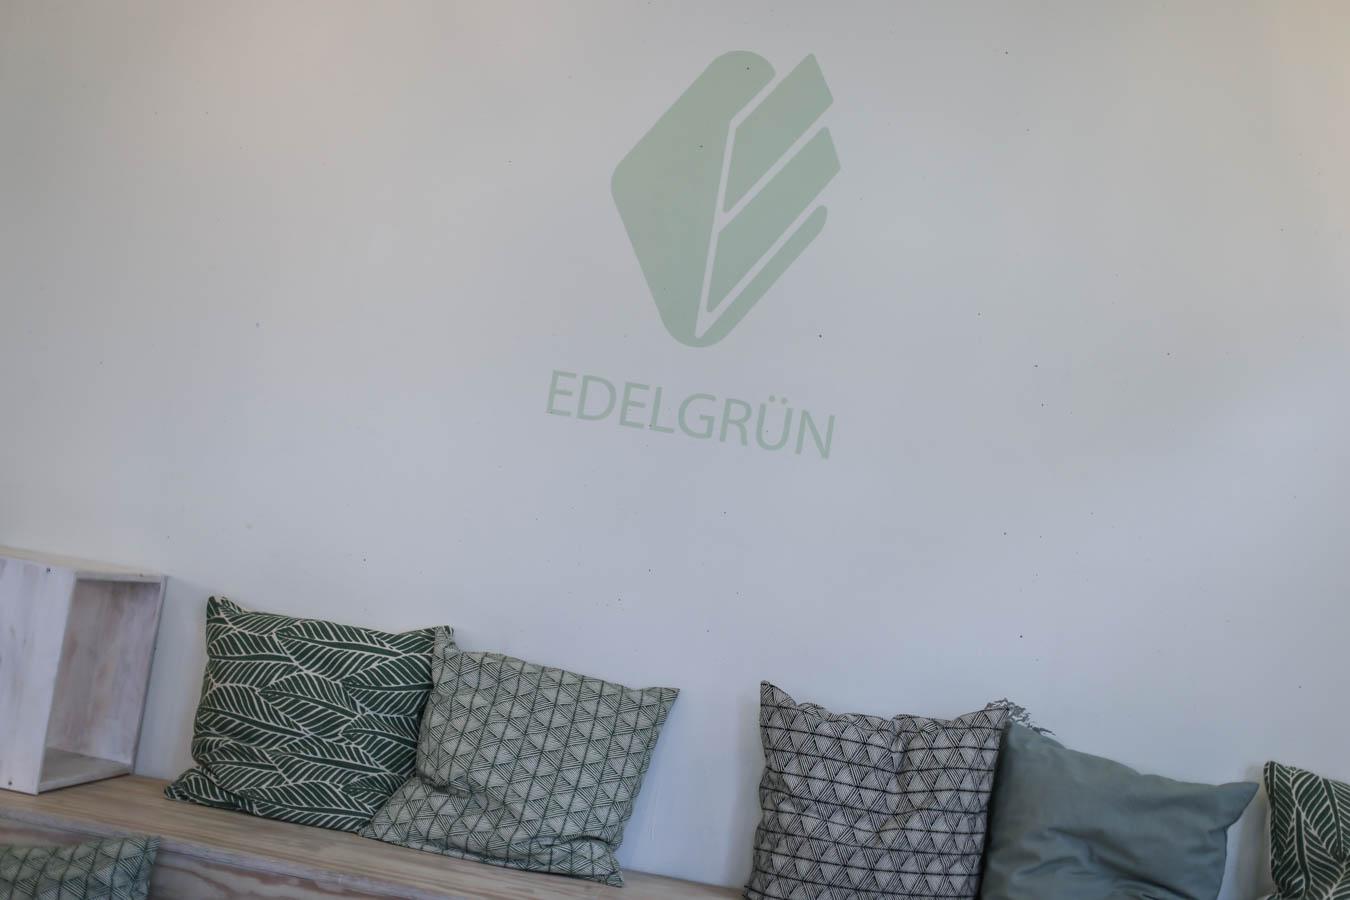 Café Edelgrün Ehrenfeld